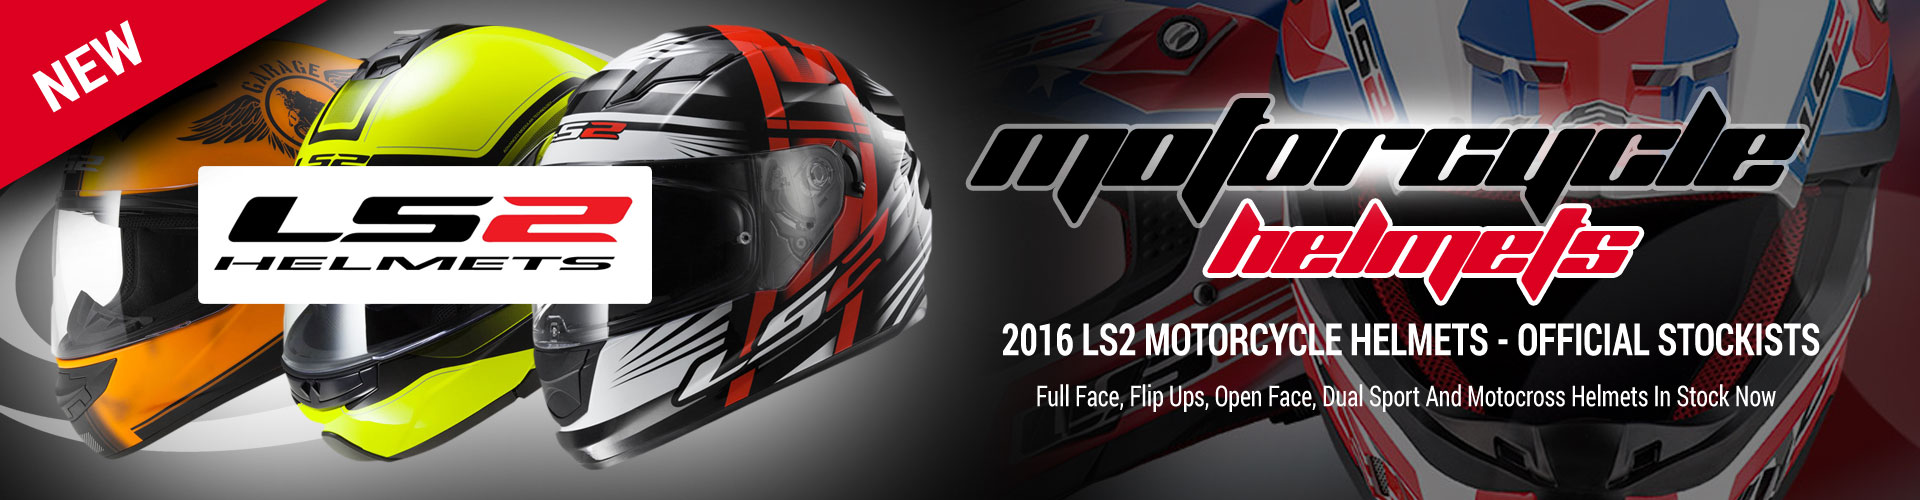 banner-ls2-motorcycle-helmets